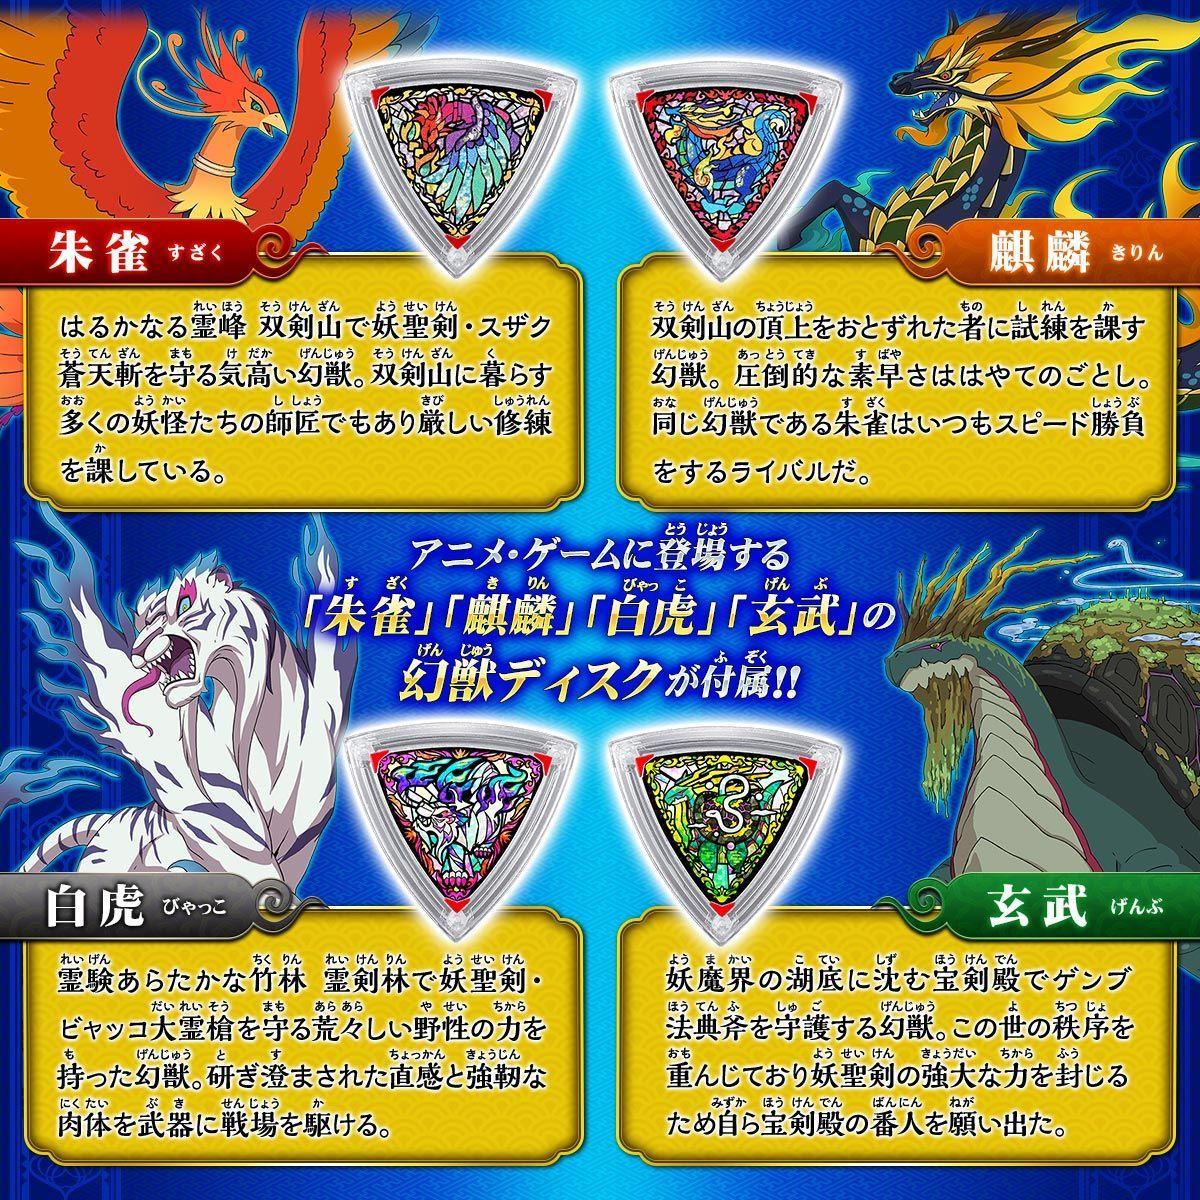 【限定販売】妖怪ウォッチ シャドウサイド『DX妖怪ウォッチアニマス』変身なりきり-004